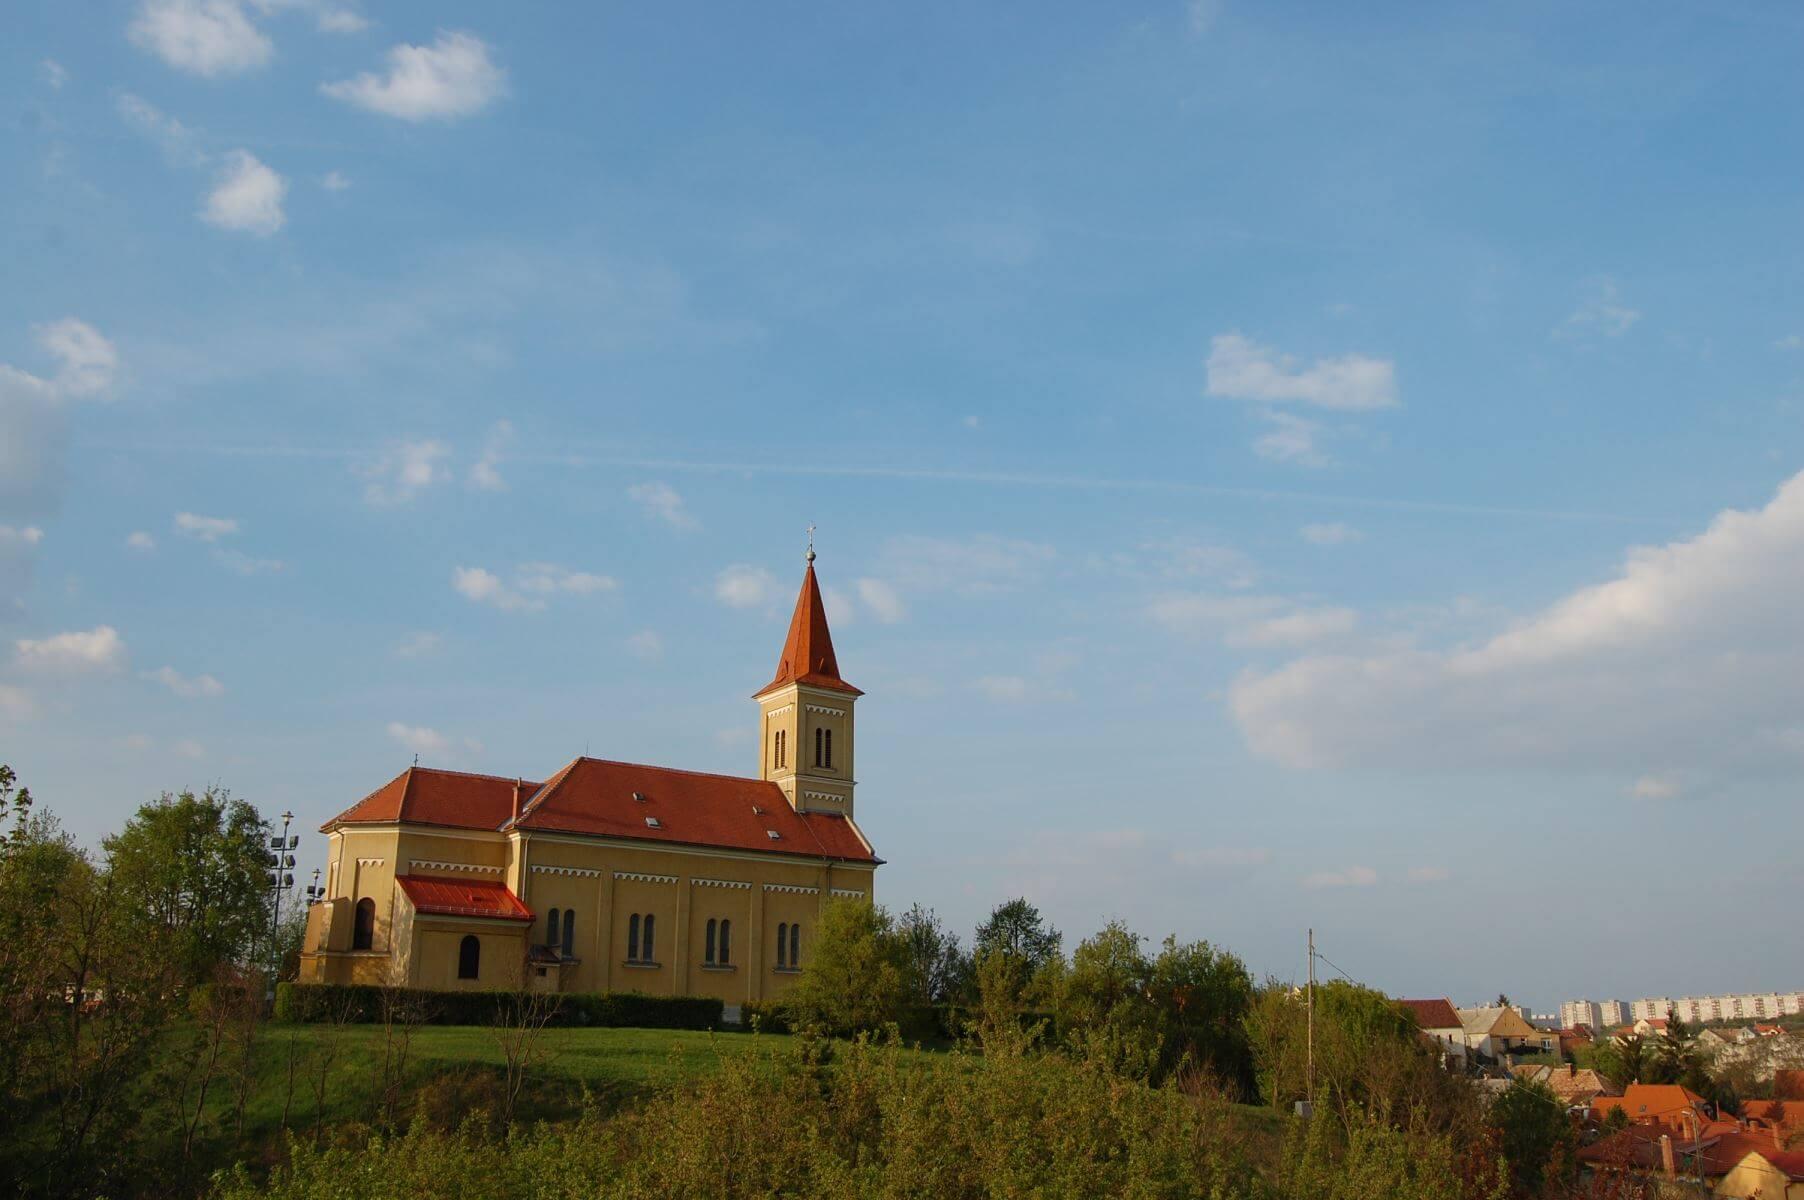 Church in Veszprém